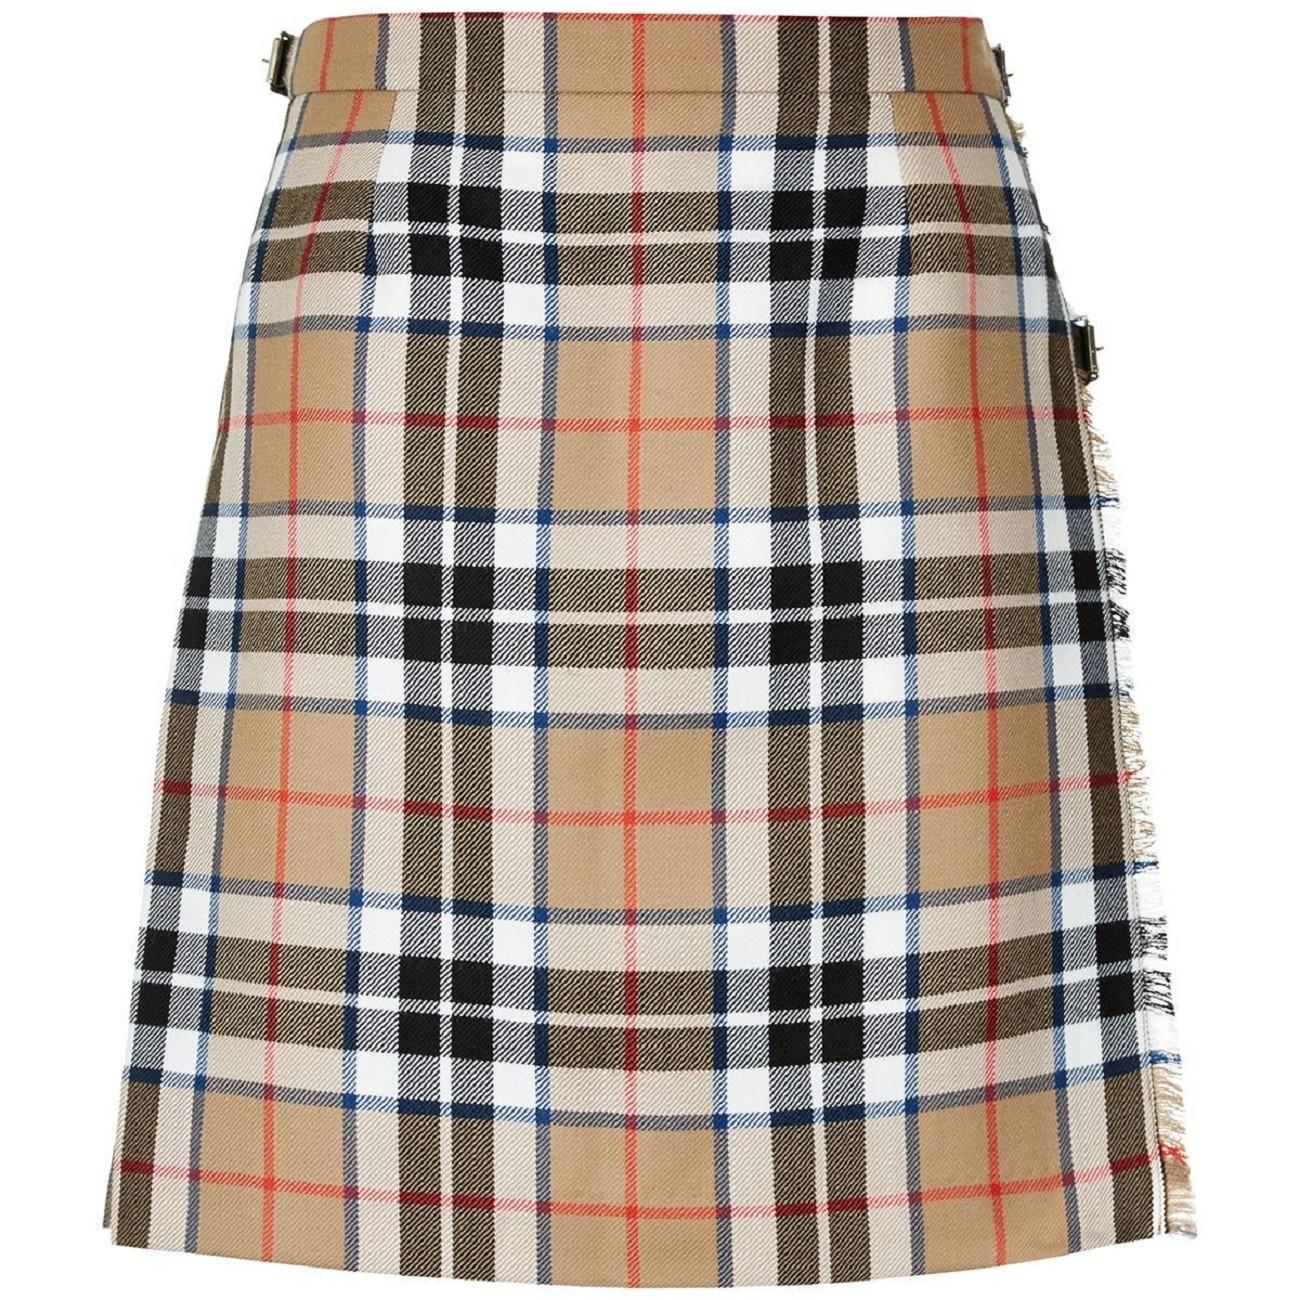 Lochcarron Ladies Tartan Pure New Wool Mini Skirt Kilt - Made in Scotland